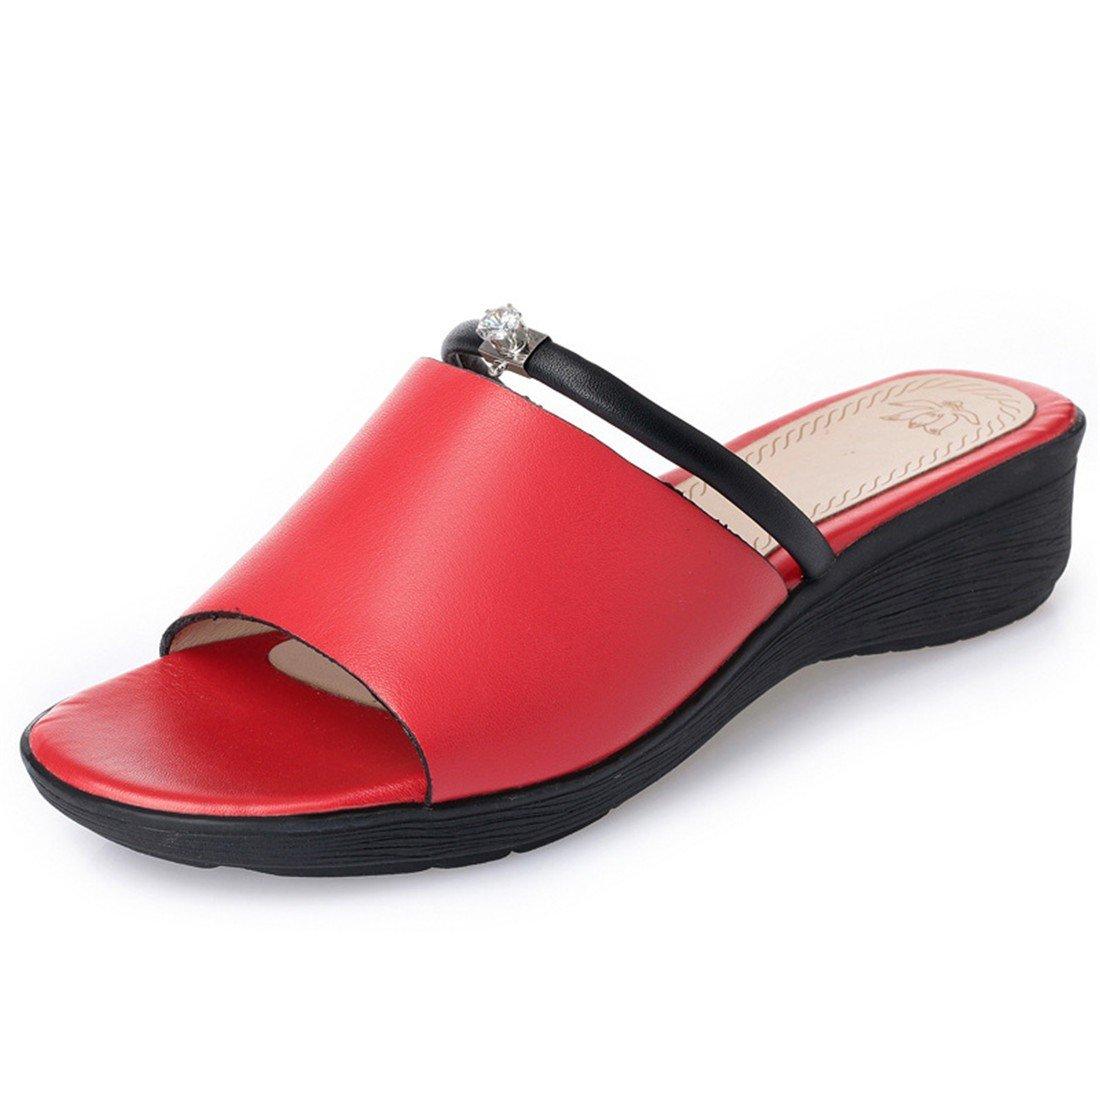 Damen - Sandalen, Dicke Hintern Hausschuhe, Großer Schuhe, Muffin - Schuhe, Großer Beach - Schuhe. gules 6dafae